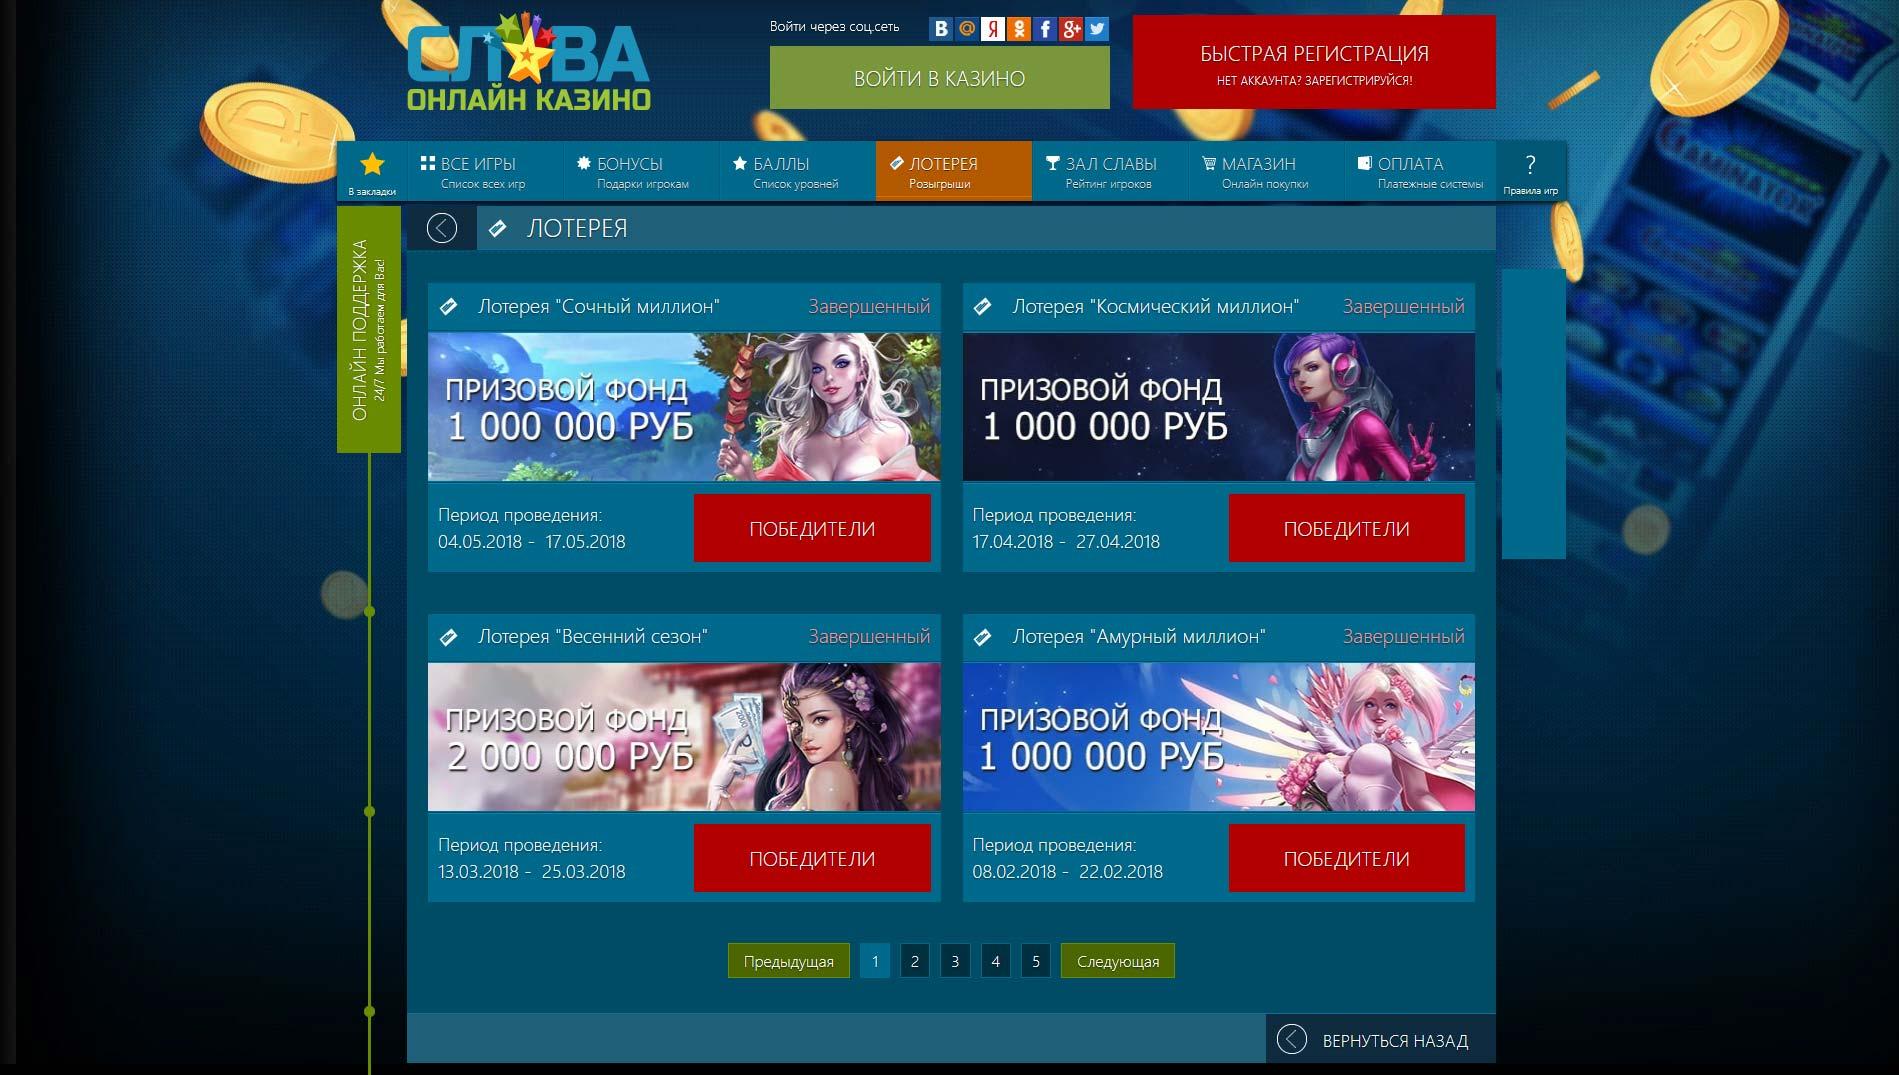 Войти в казино слава как стать сотрудником казино онлайн